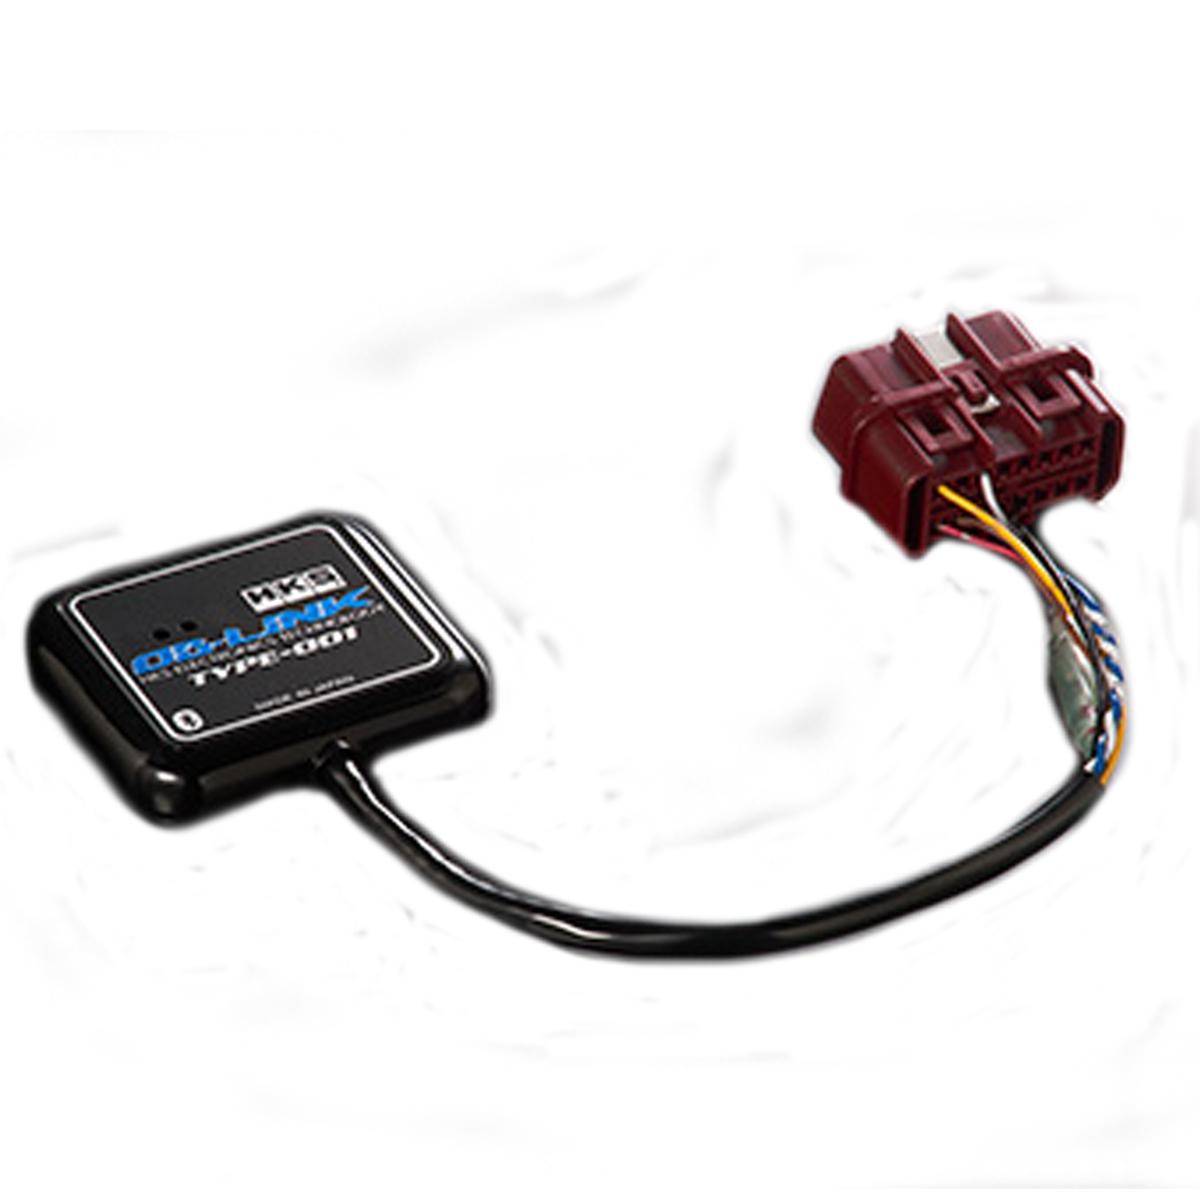 ブーン モニター OBリンク タイプ 001 M300S M310S HKS 44009-AK002 エレクトリニクス